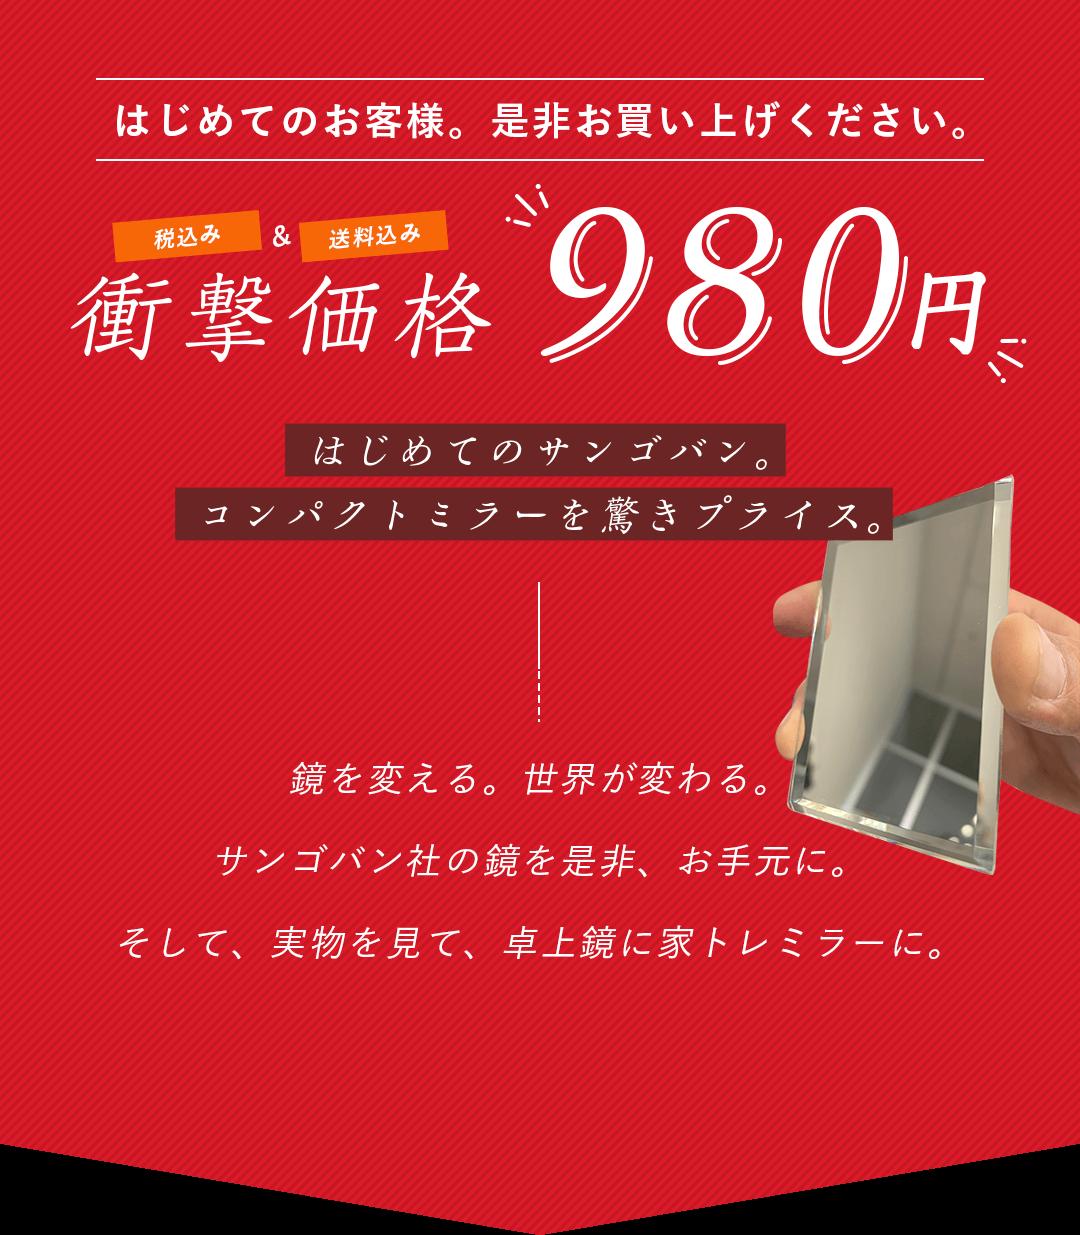 はじめてのお客様。 是非お買い上げください。 衝撃価格980円 はじめてのサンゴバン。 コンパクトミラーを驚きプライス。